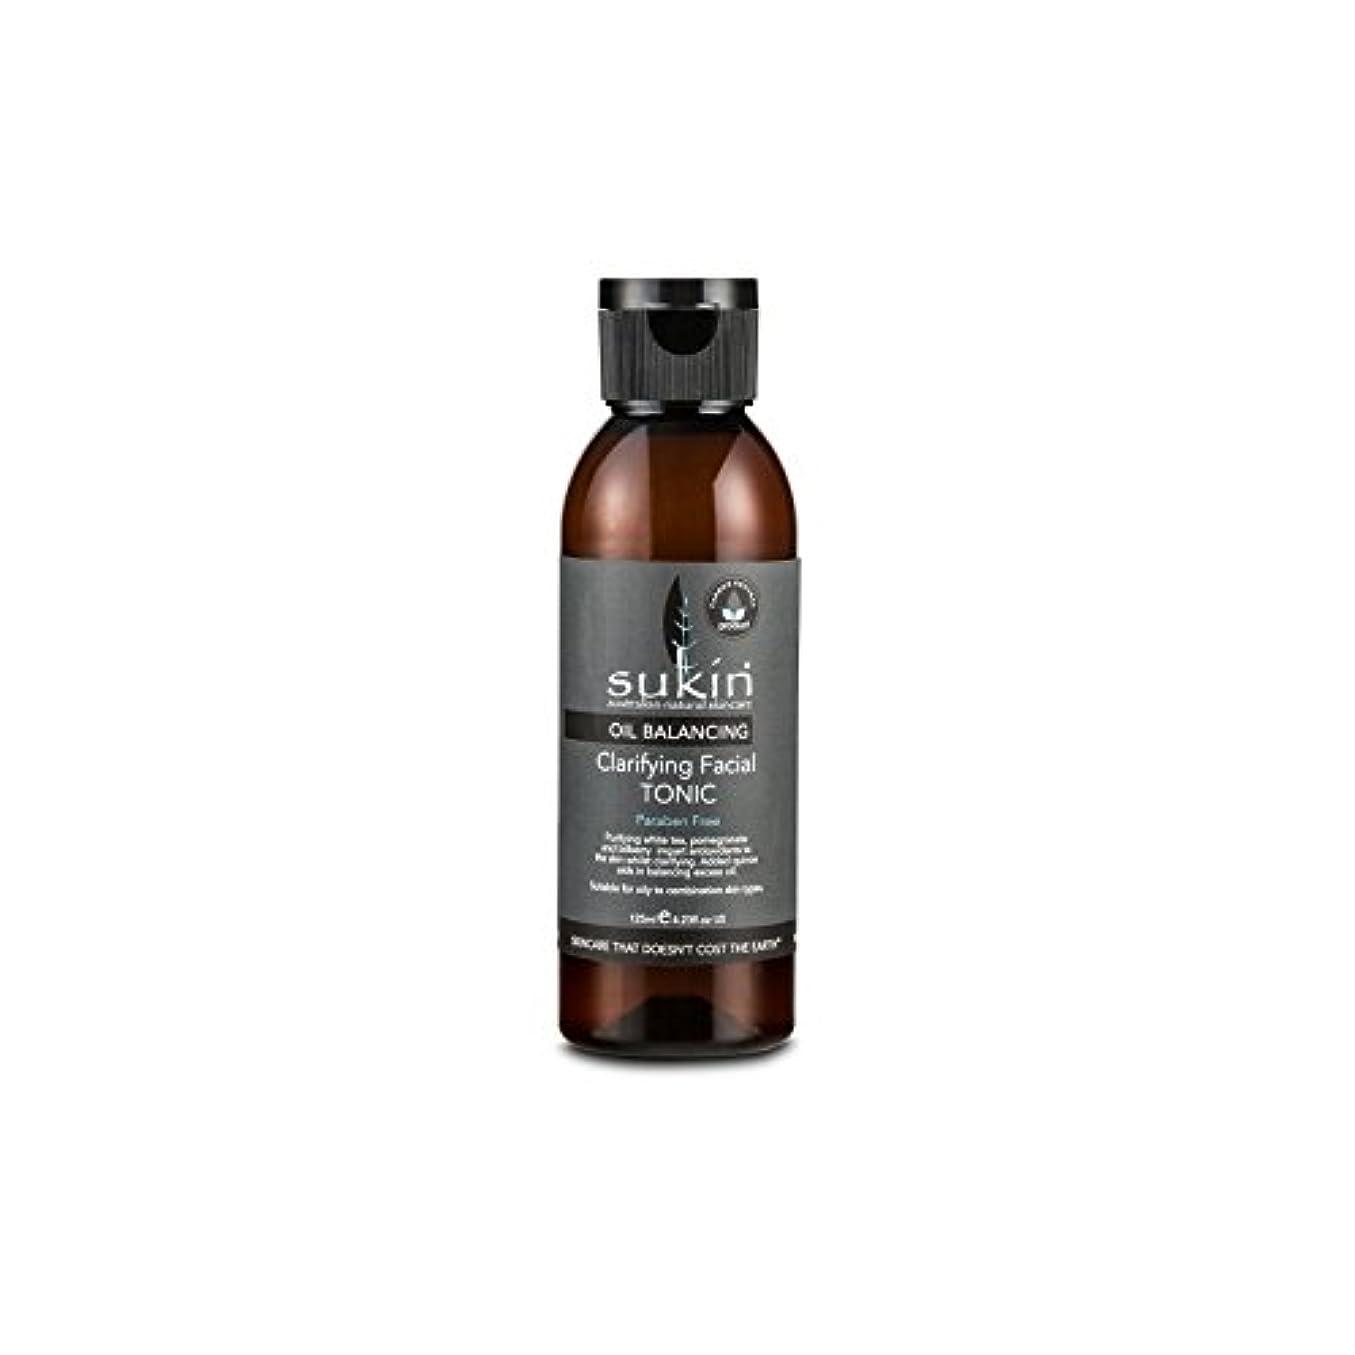 拡散する嘆く艦隊Sukin Oil Balancing Clarifying Facial Tonic 125ml (Pack of 6) - フェイシャルトニック125ミリリットルを明確オイルバランシング x6 [並行輸入品]